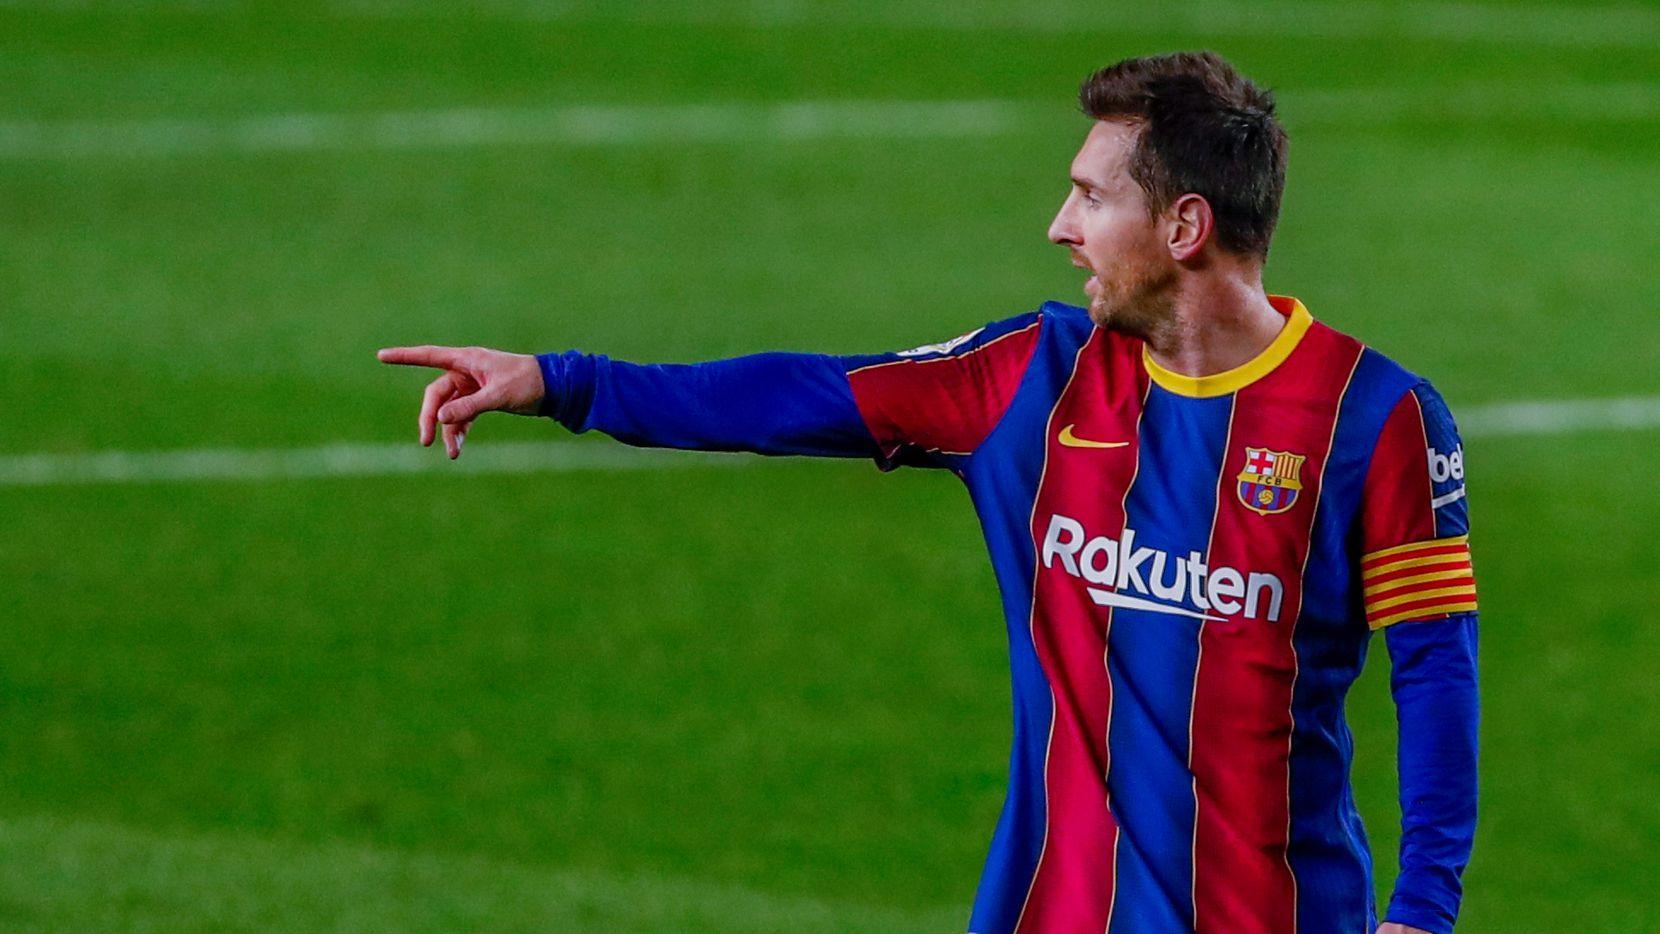 Al parecer, Lionel Messi está listo para buscar nuevos horizontes fuera del Club Barcelona.